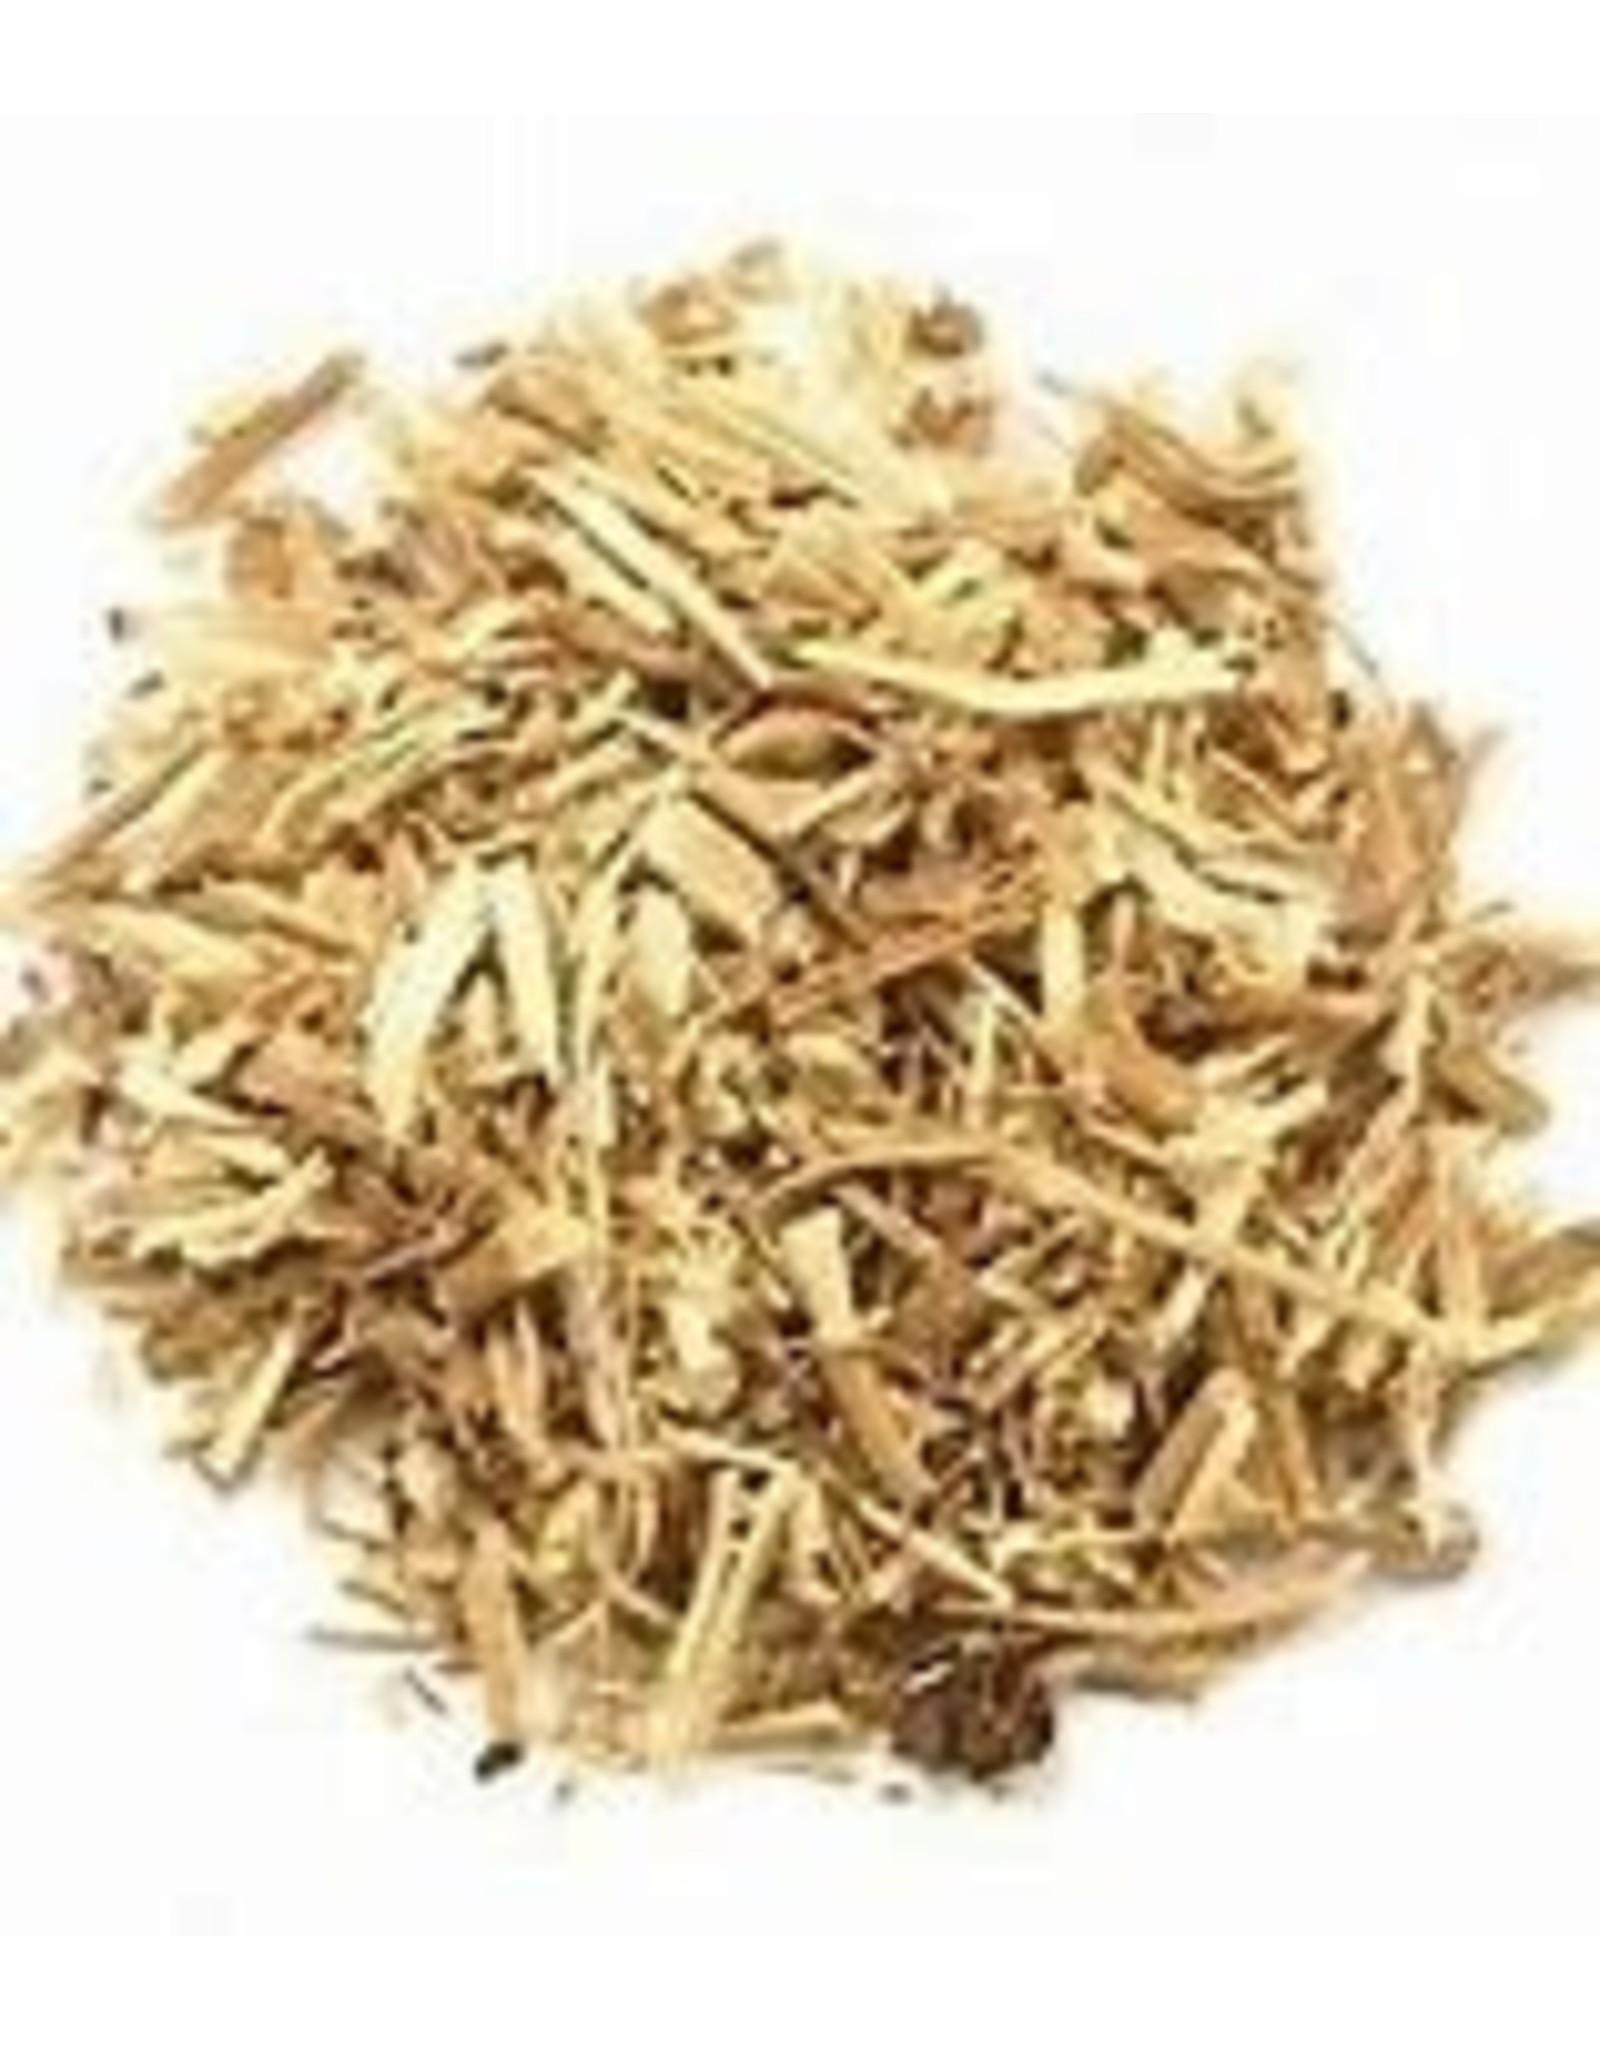 Nettle Root 1 oz